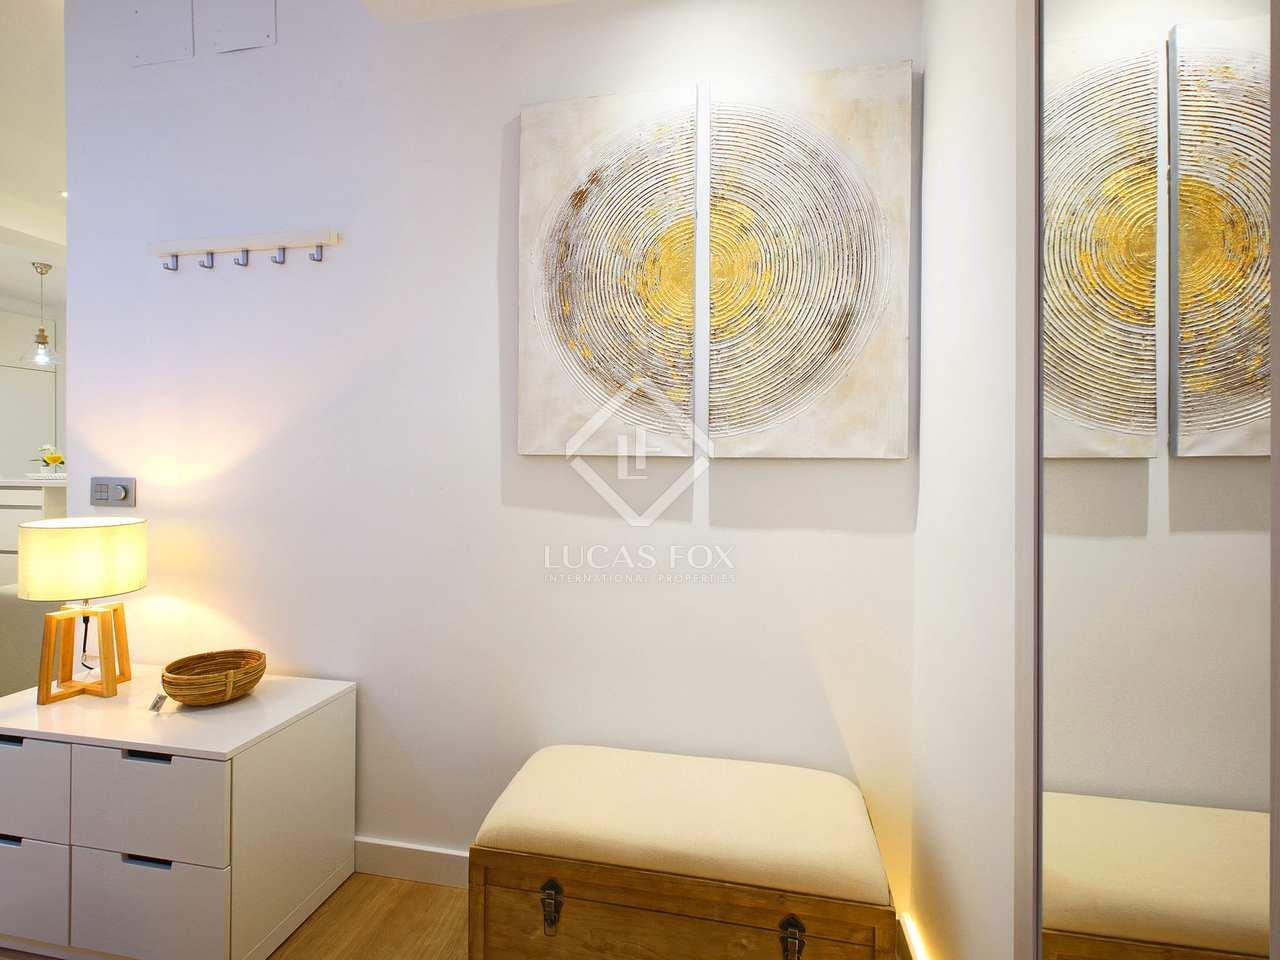 Piso de 1 dormitorio en alquiler en universidad madrid for Piso una habitacion madrid